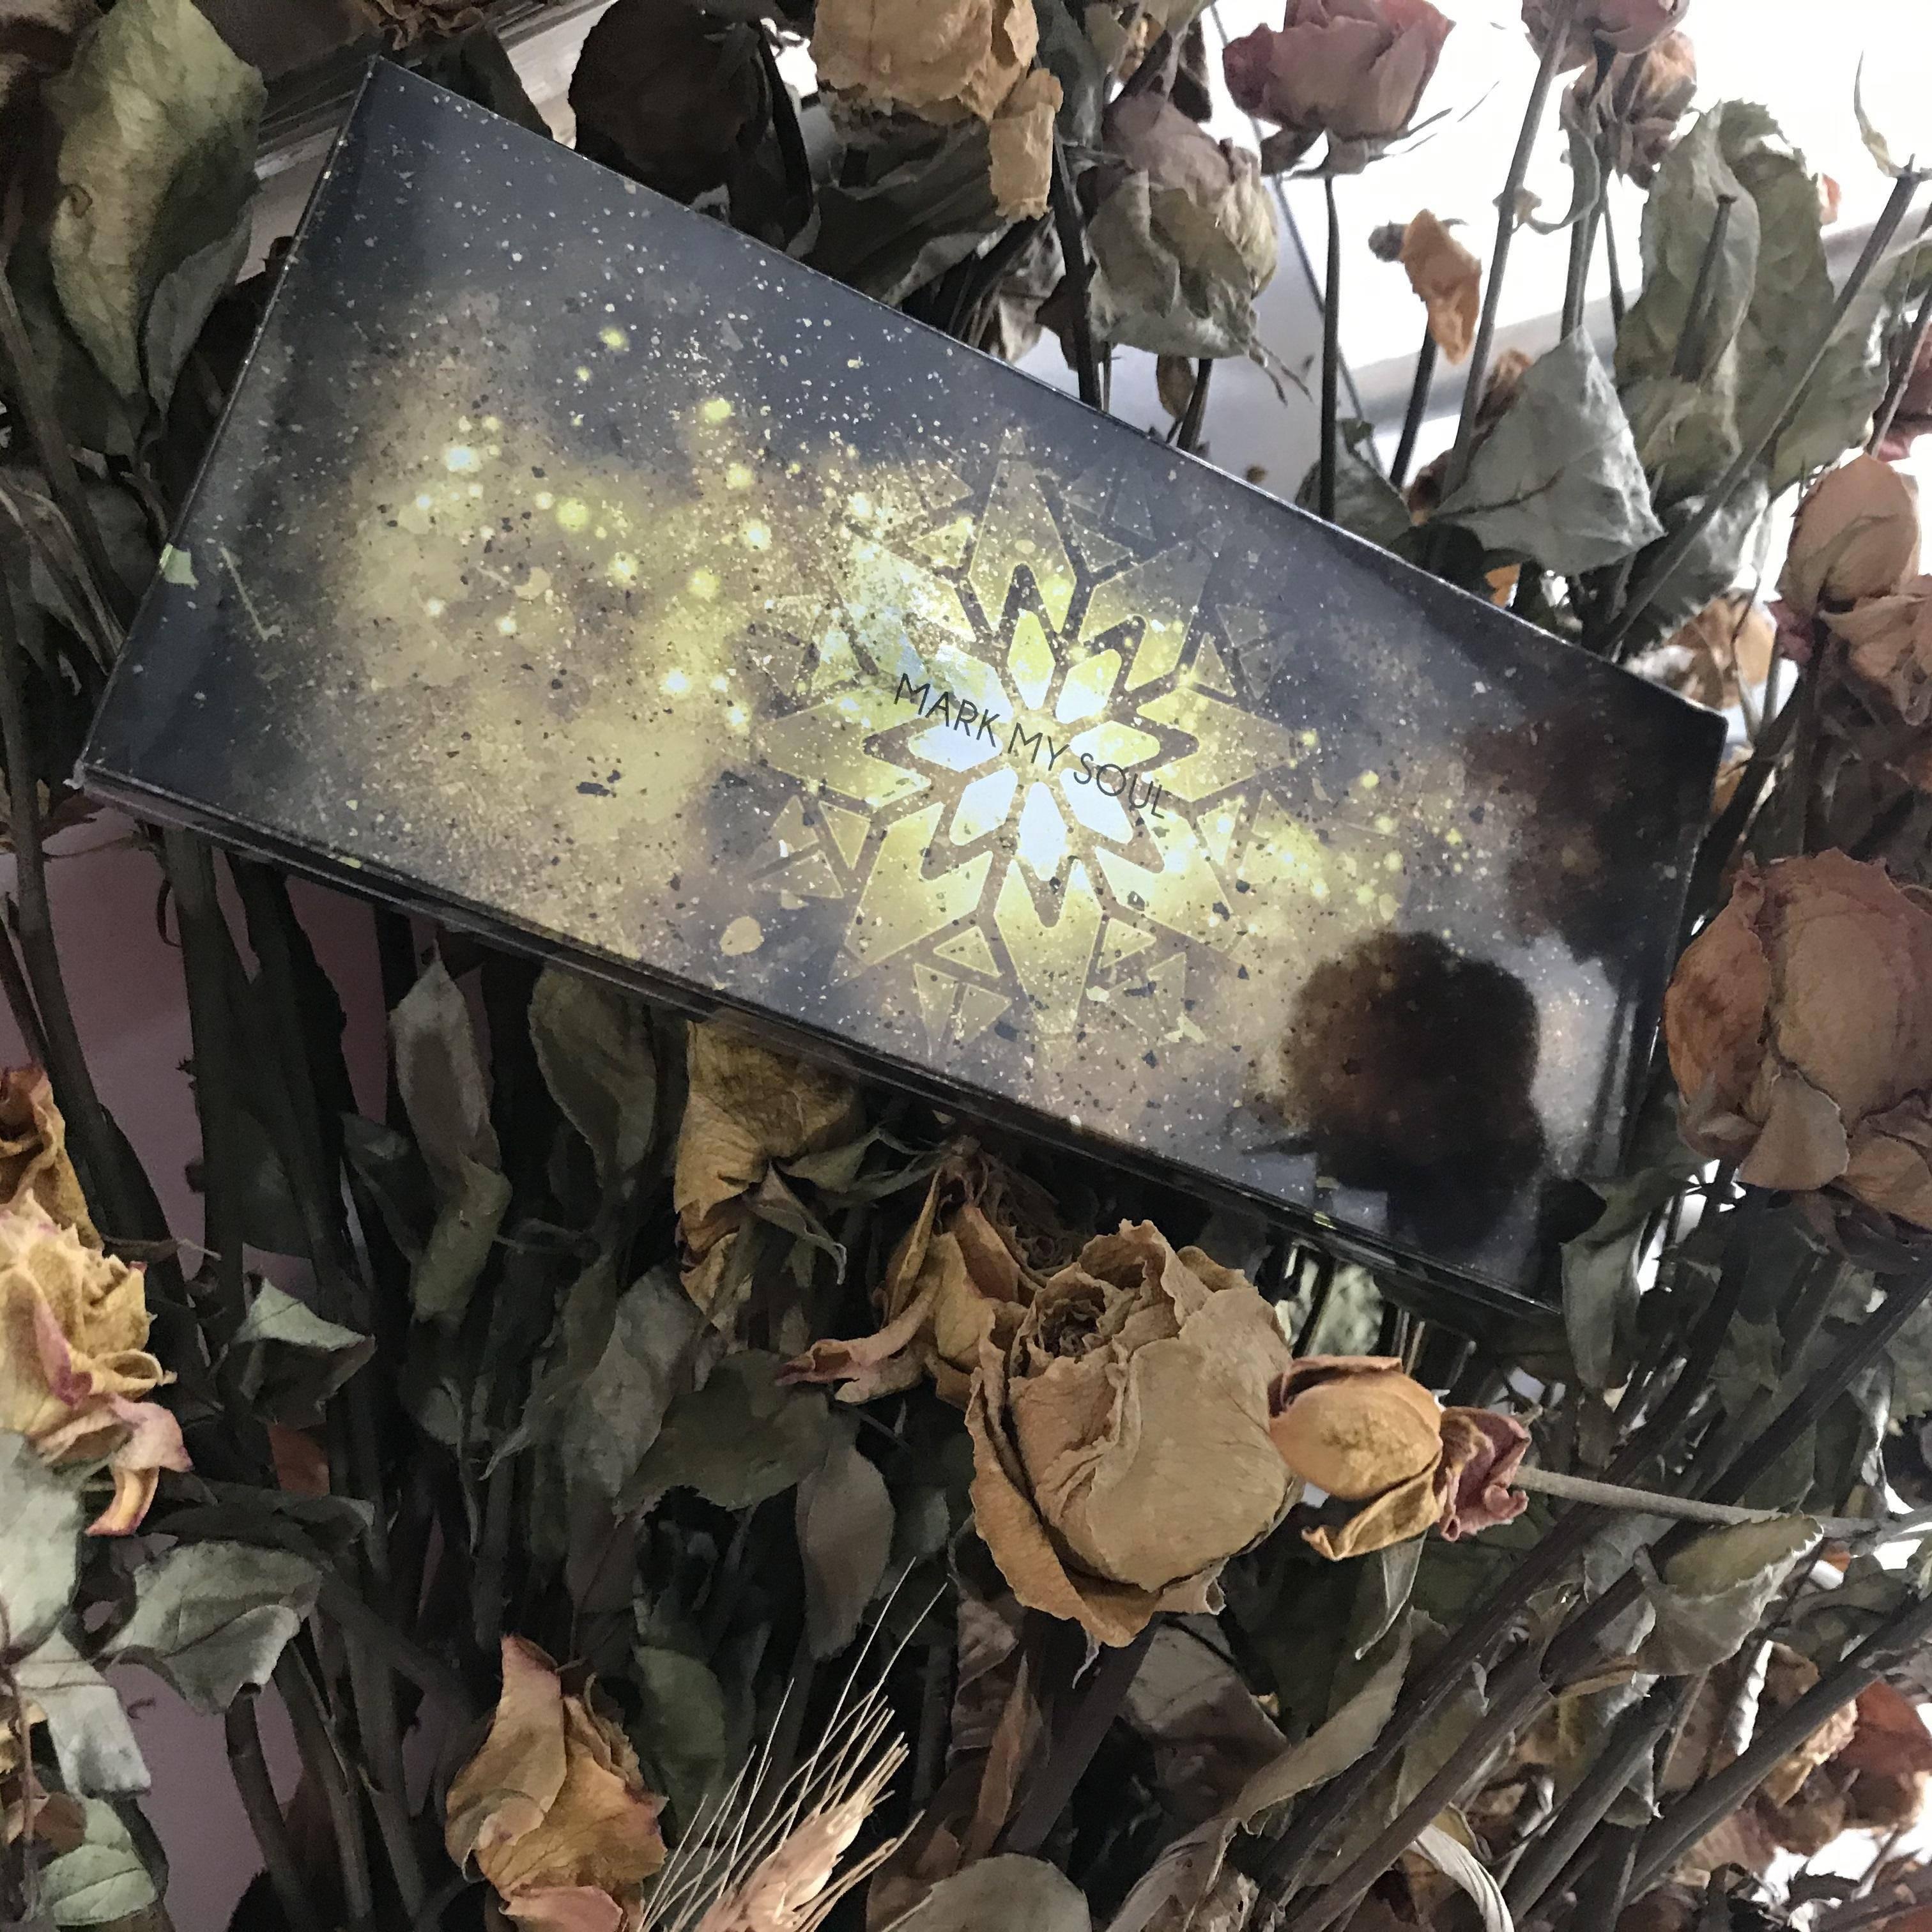 深冬的落叶色,用对了感觉人生被一键重启